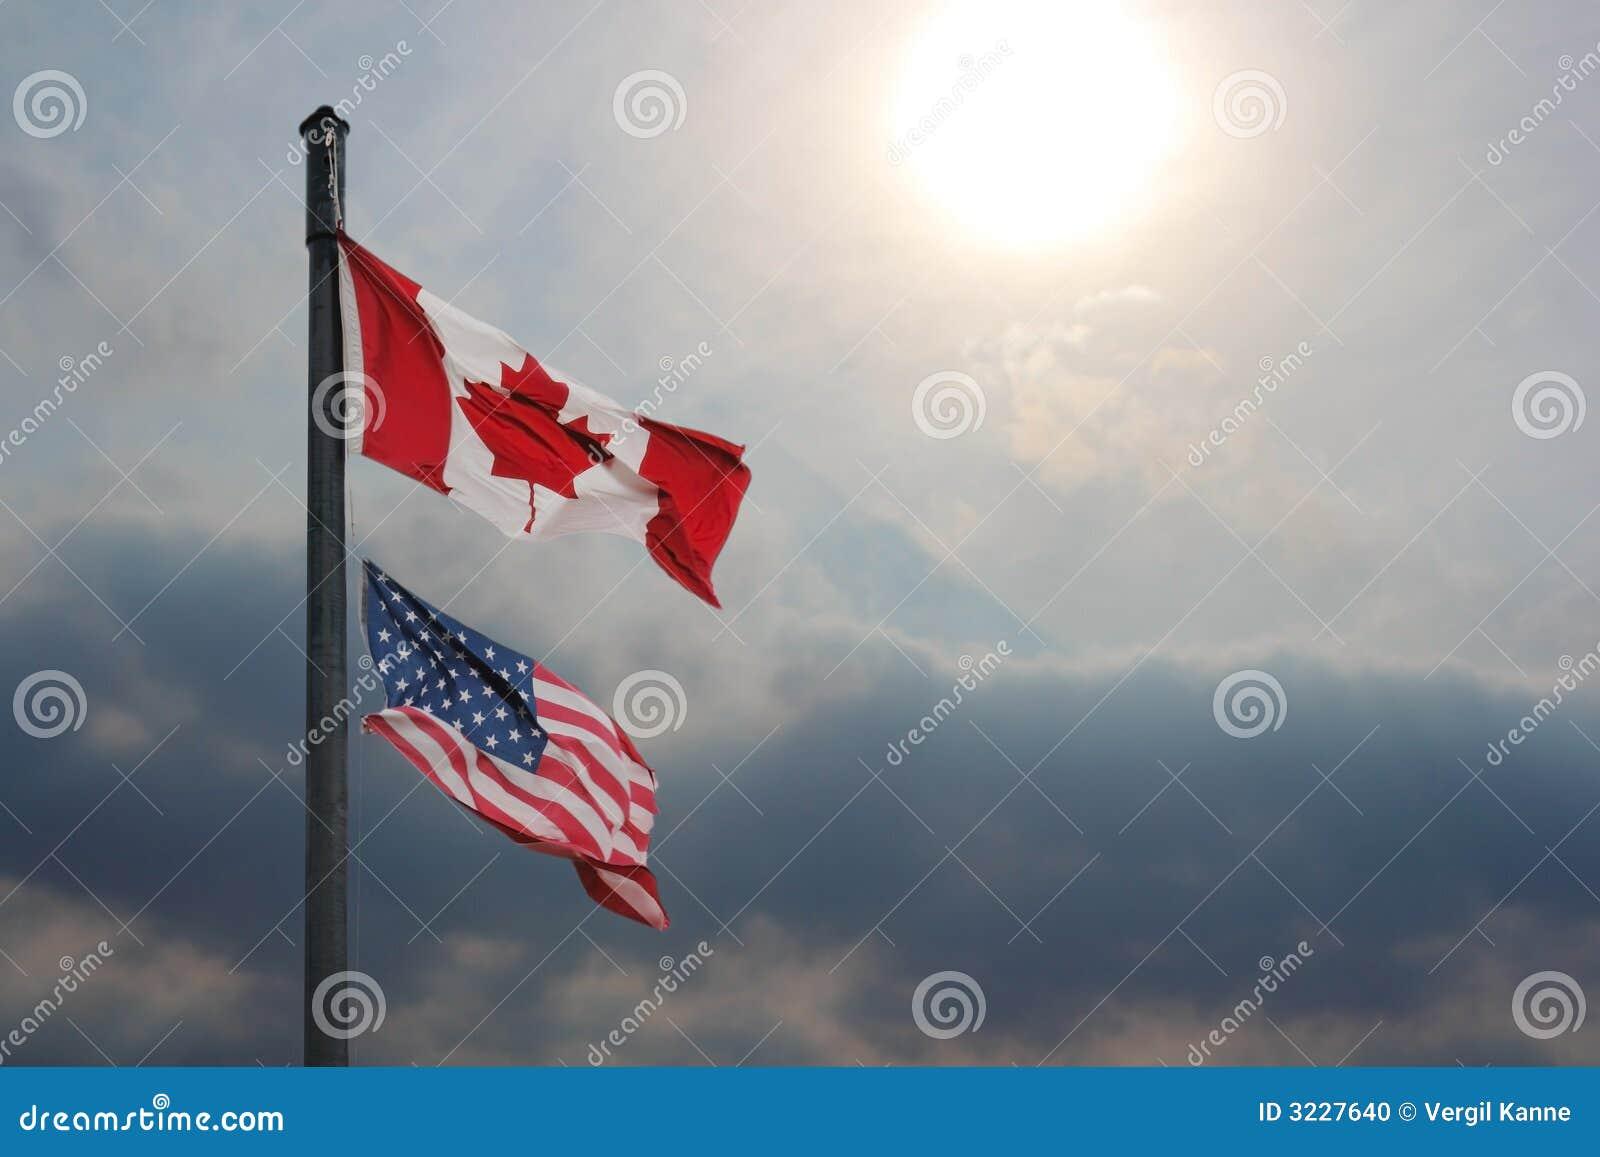 Temas de actualidad de los E.E.U.U. y de Canadá